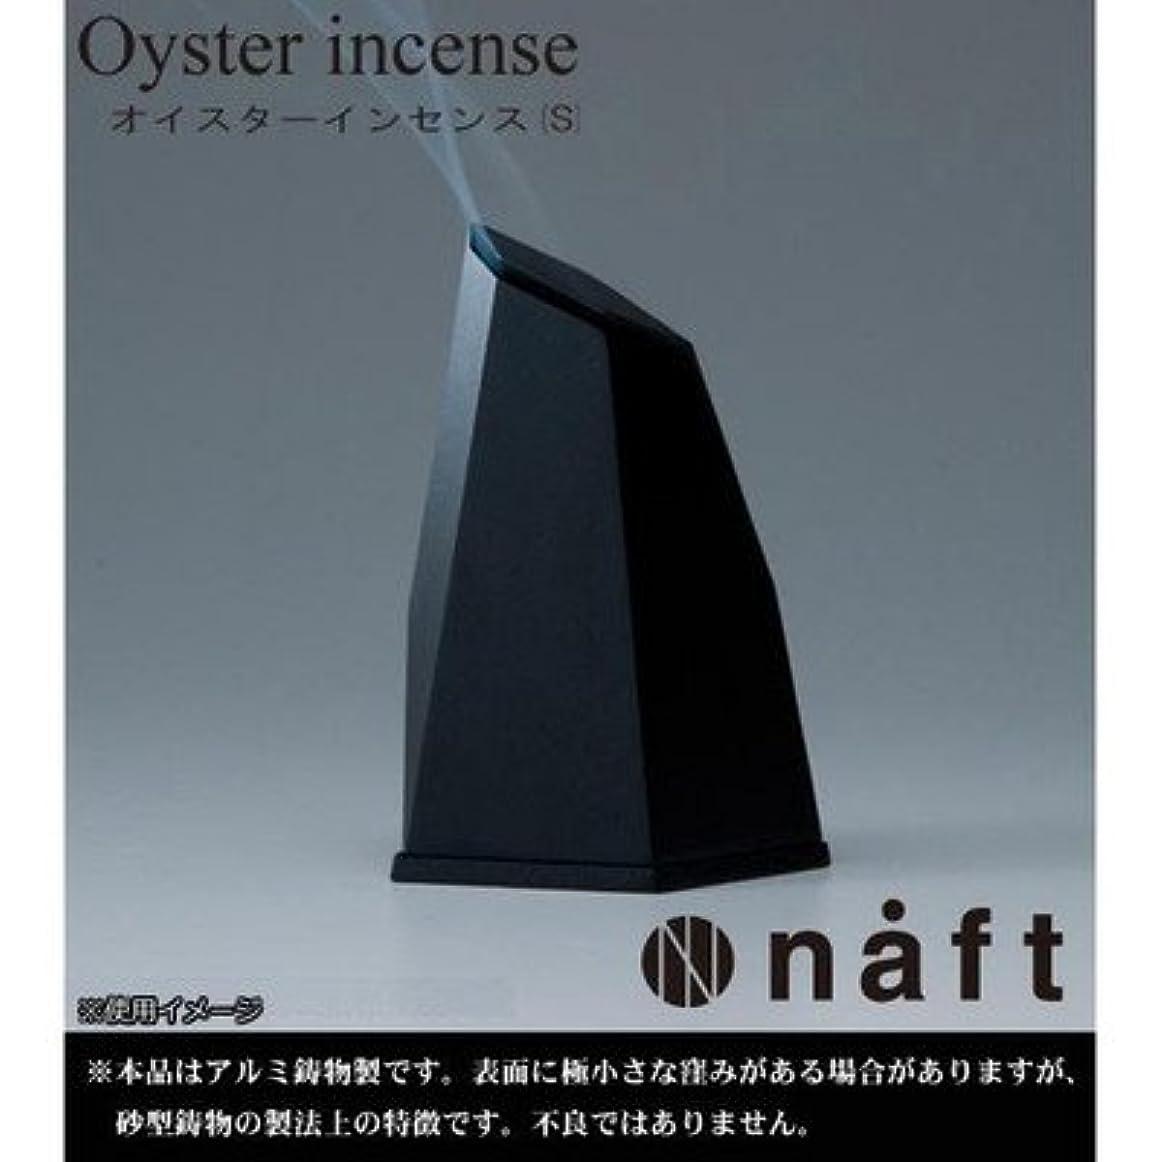 彼らのものカートリッジ免除するシンプルだけどインパクトのあるフォルム naft Oyster incense オイスターインセンス 香炉 Sサイズ ブラック